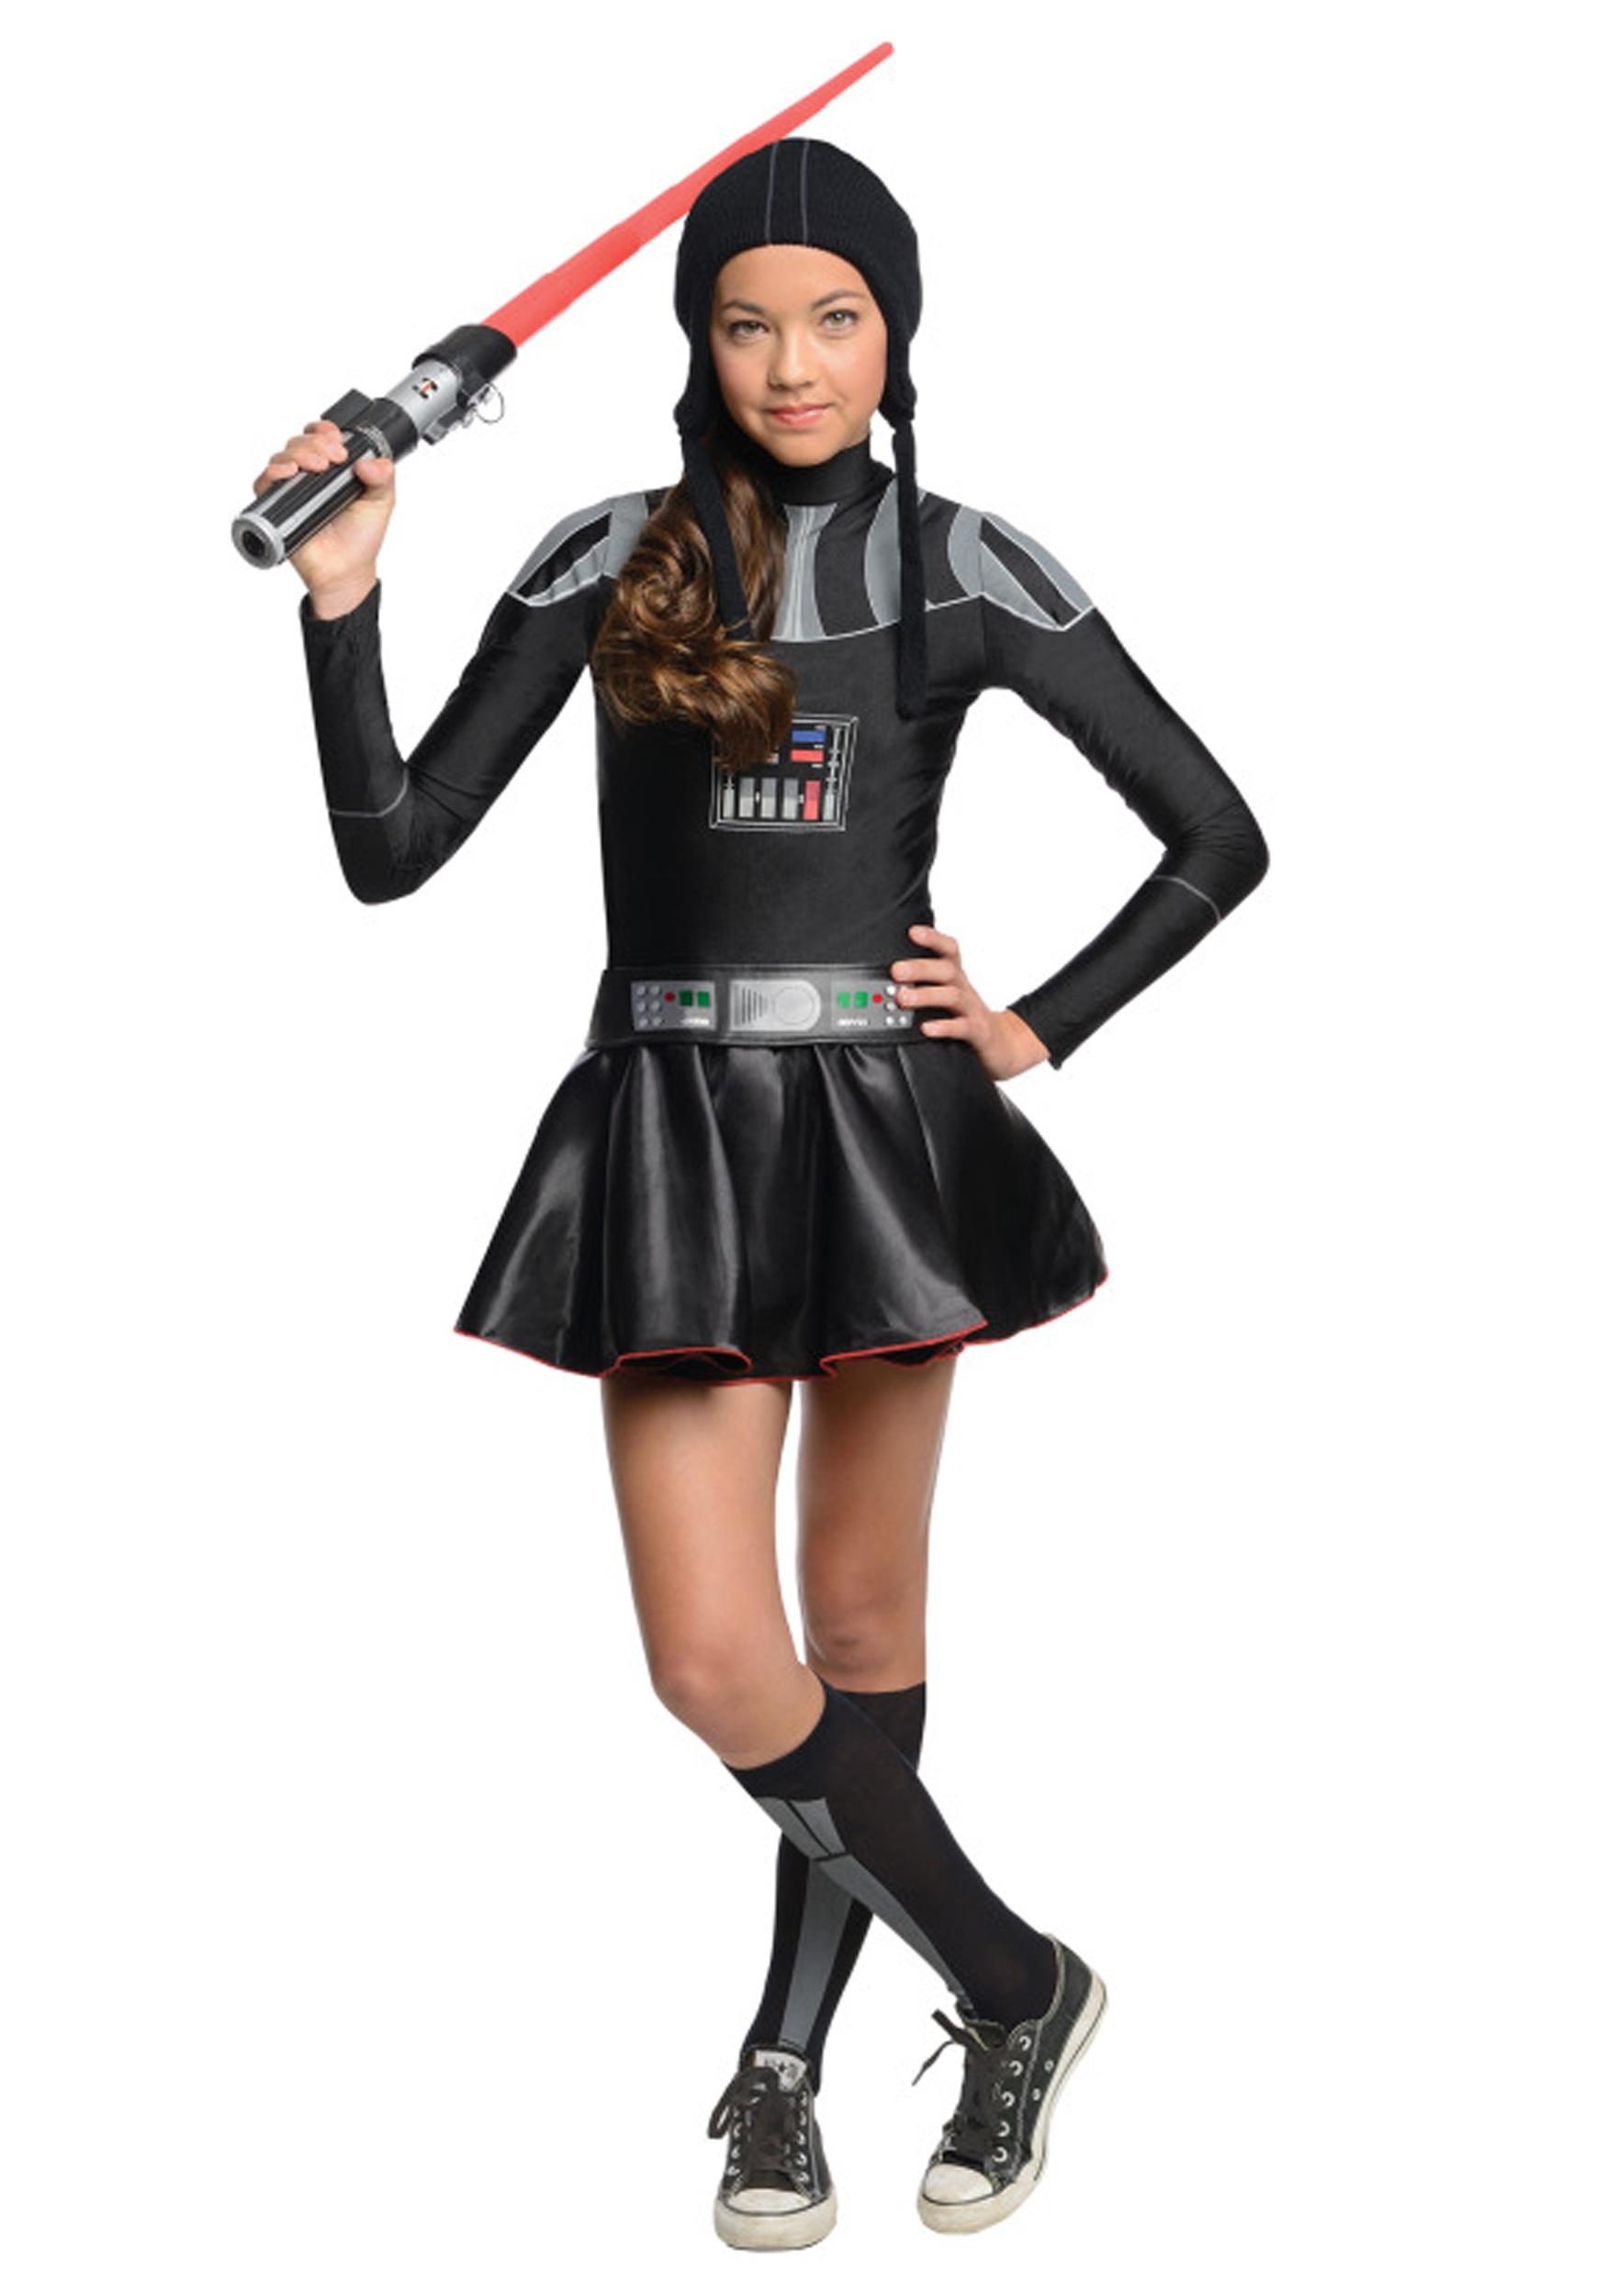 Halloween costumes for teens tweens halloweencostumes darth vader tween dress costume solutioingenieria Image collections